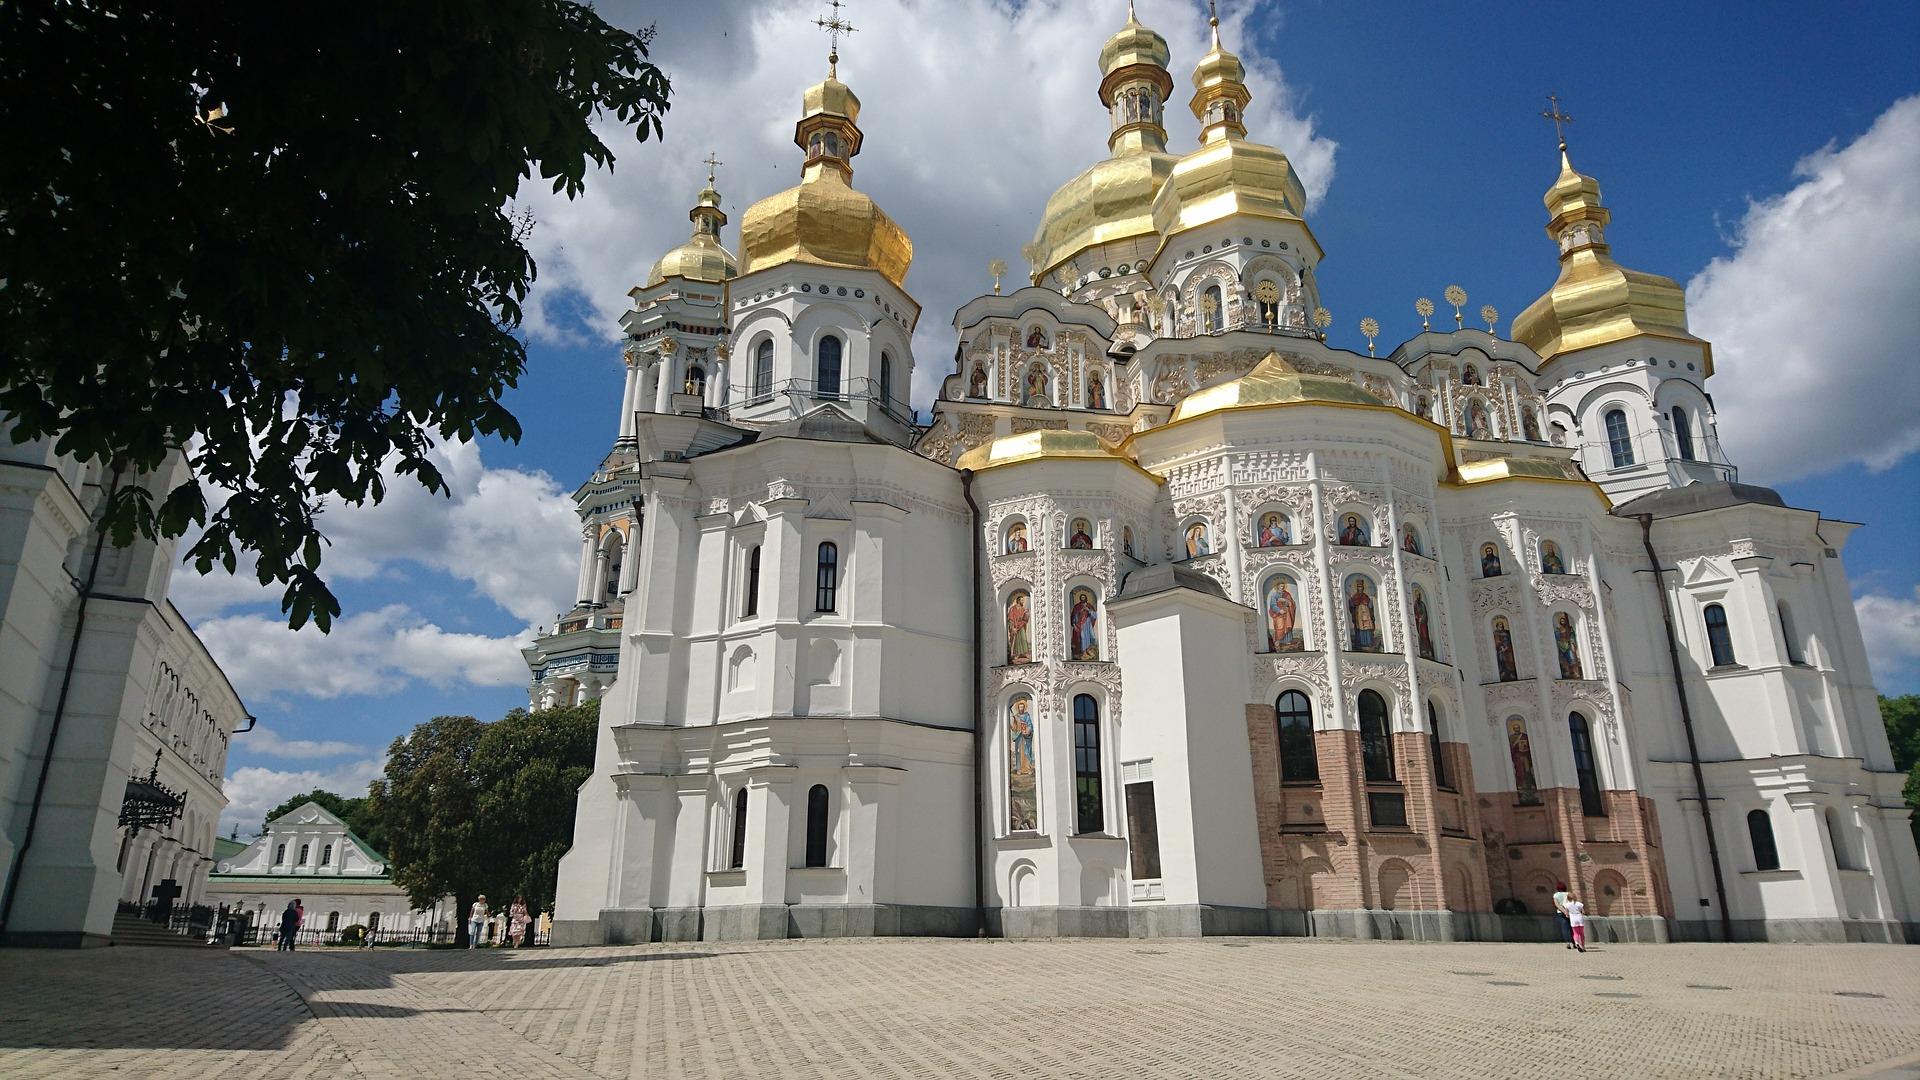 Киев: где остановиться, куда пойти, что посмотреть